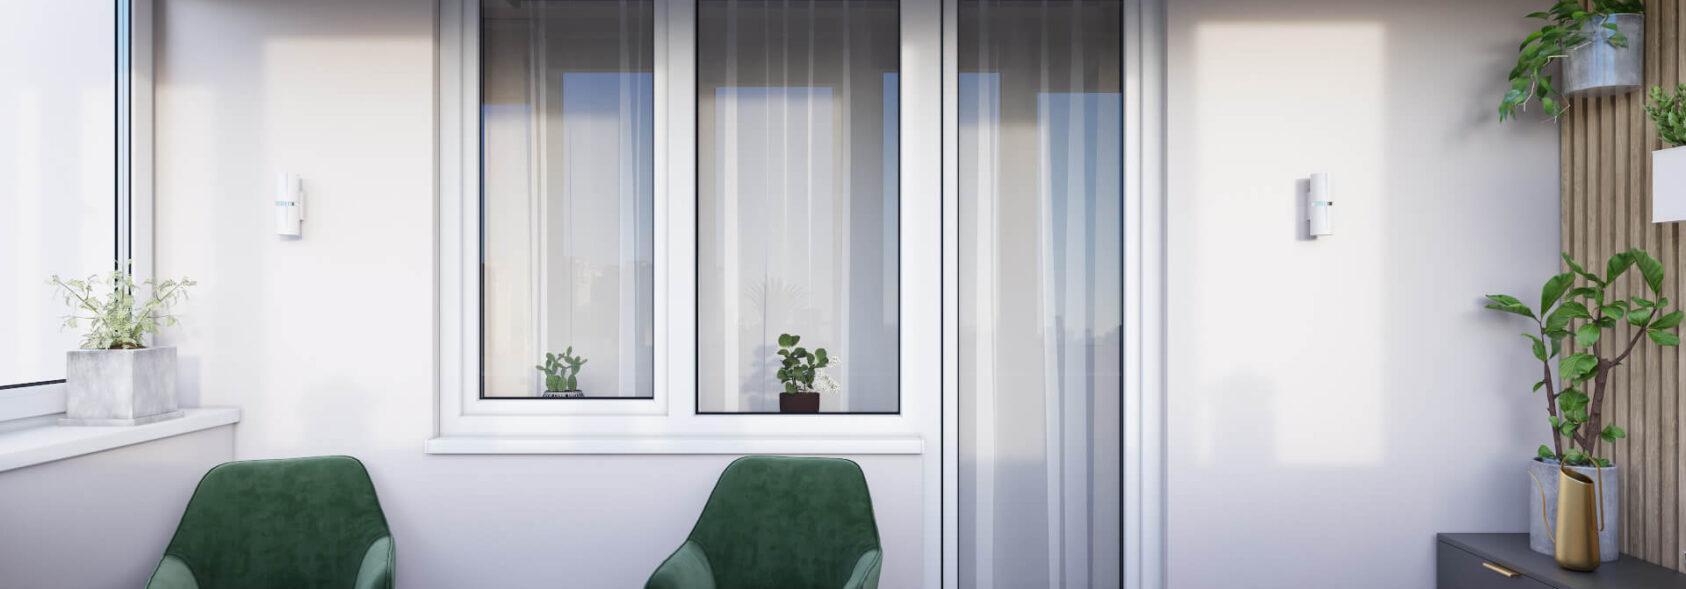 Интерьер балкона в 3х комнатной квартире